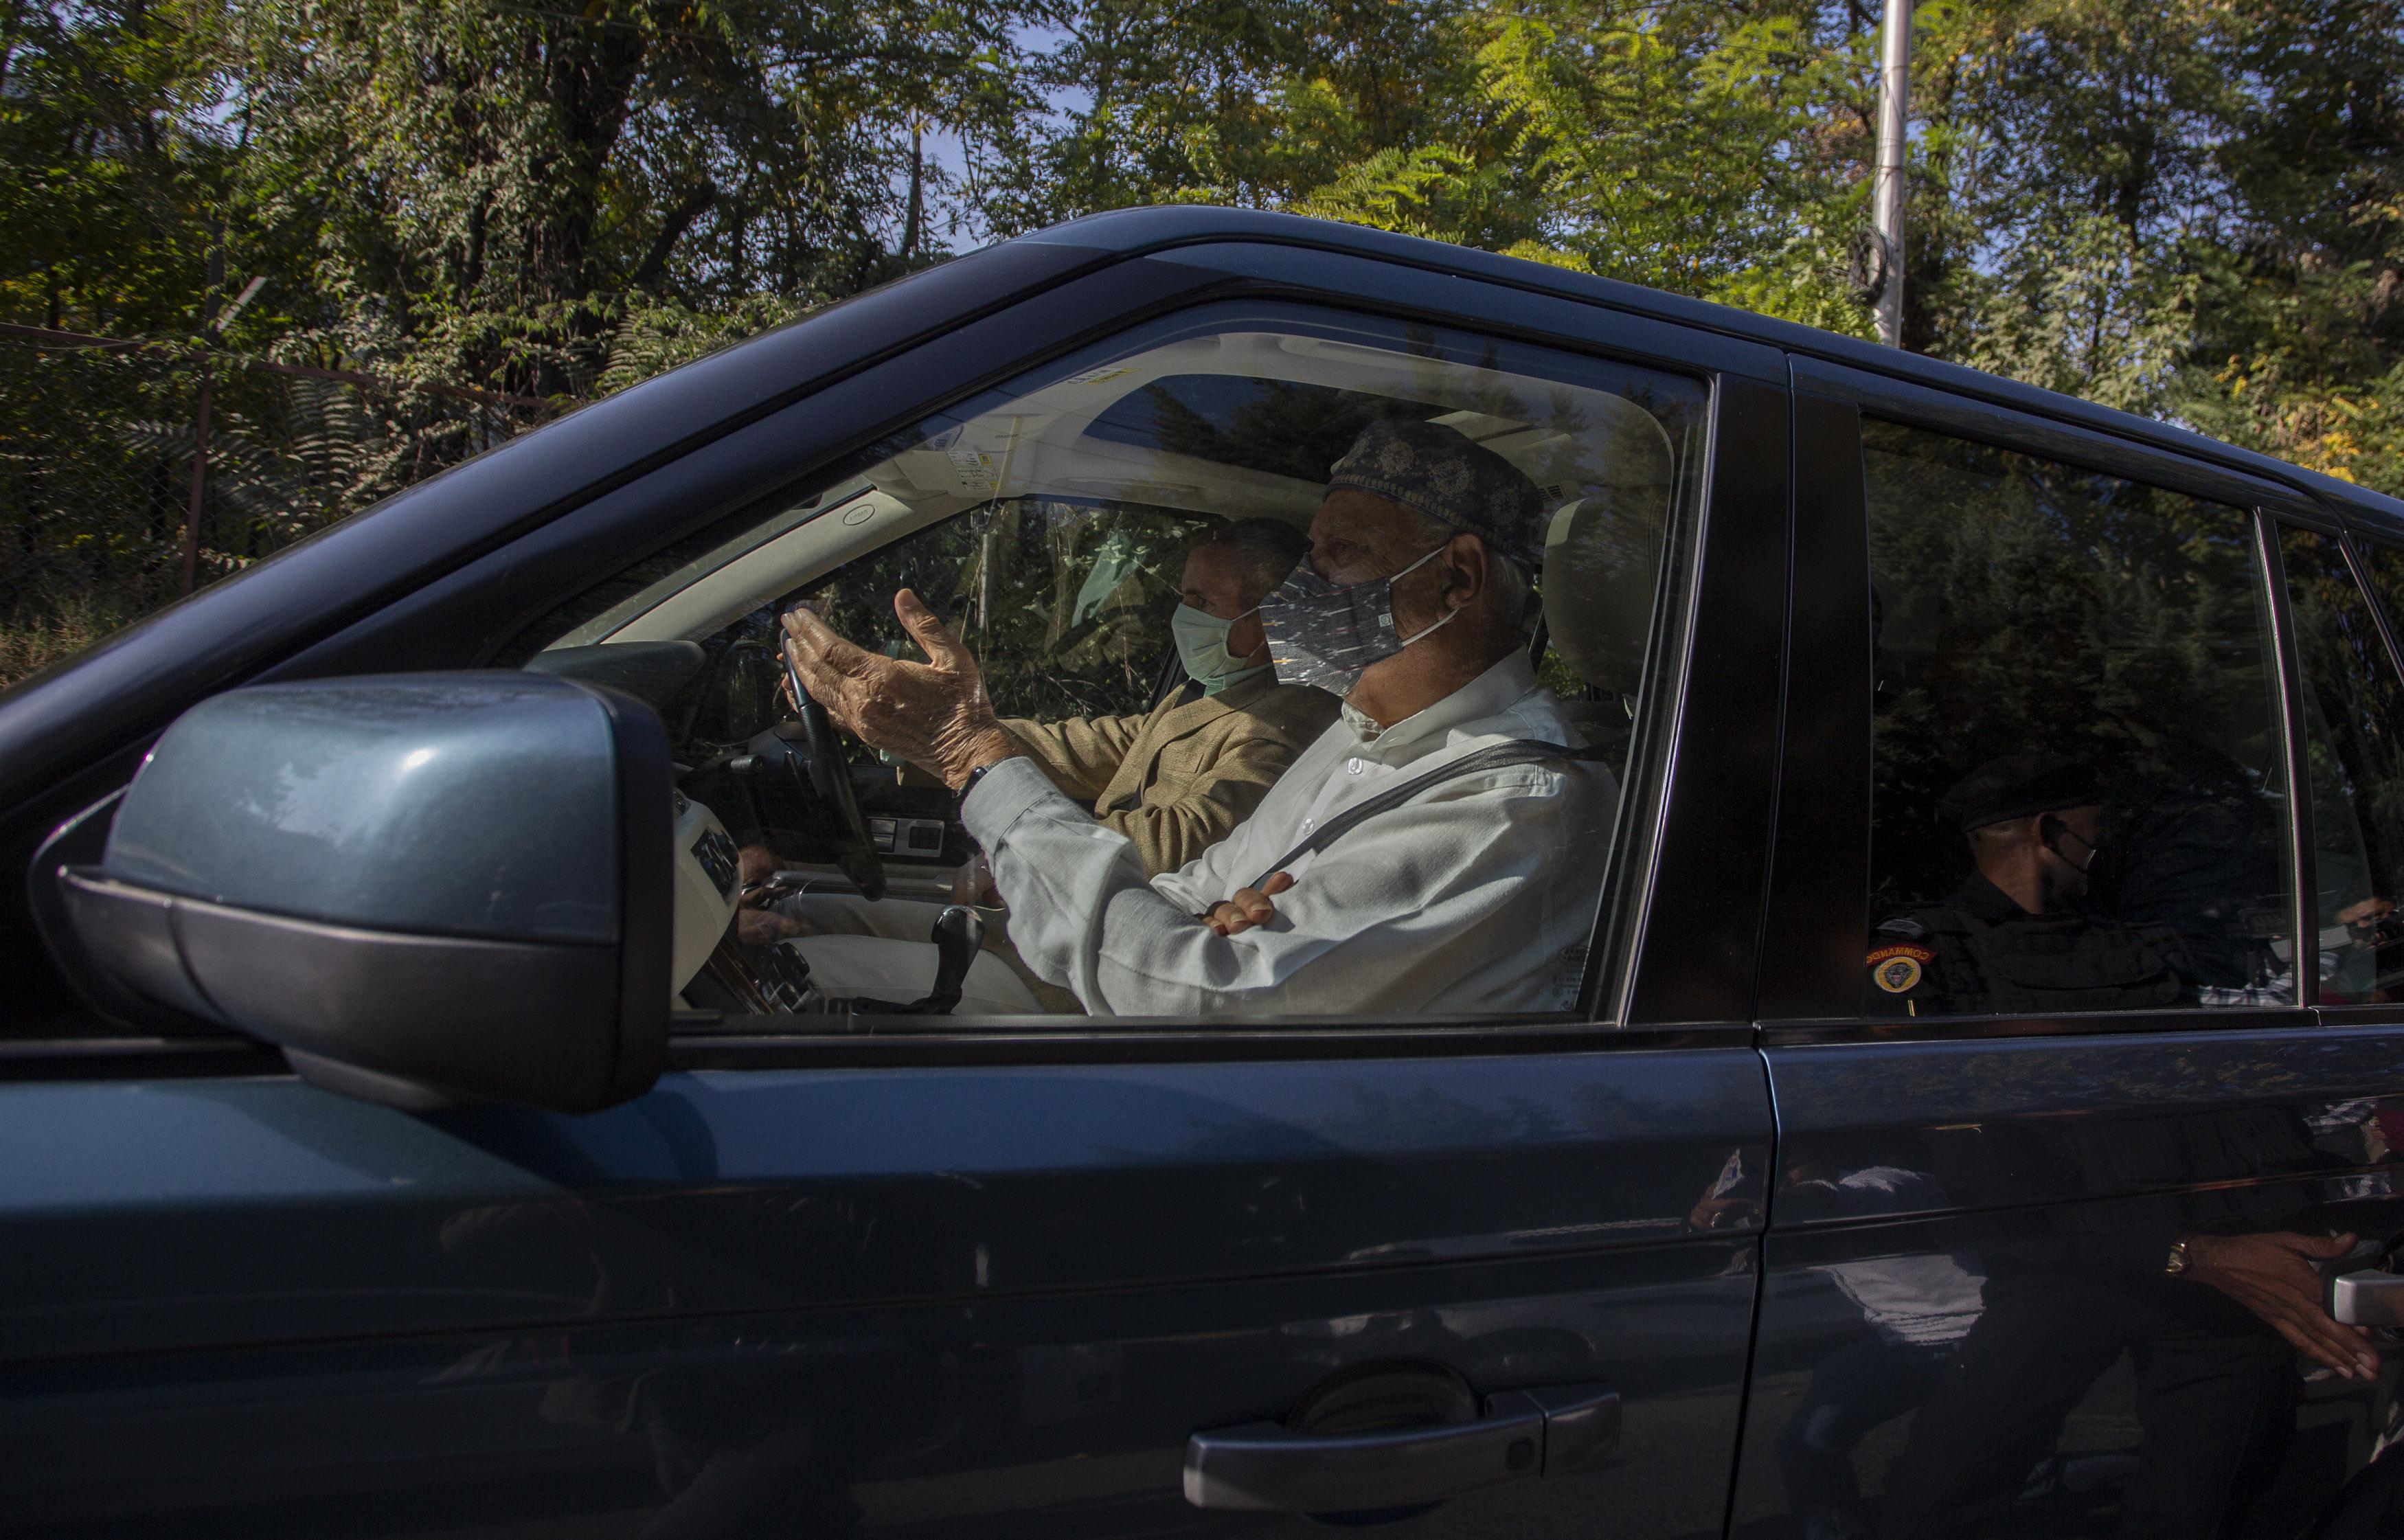 મેહબૂબા મુફ્તીને મળવા તેમના ઘરે જઈ રહેલા ફારૂક અબ્દુલ્લા અને તેમના પુત્ર ઉમર અબ્દુલ્લા